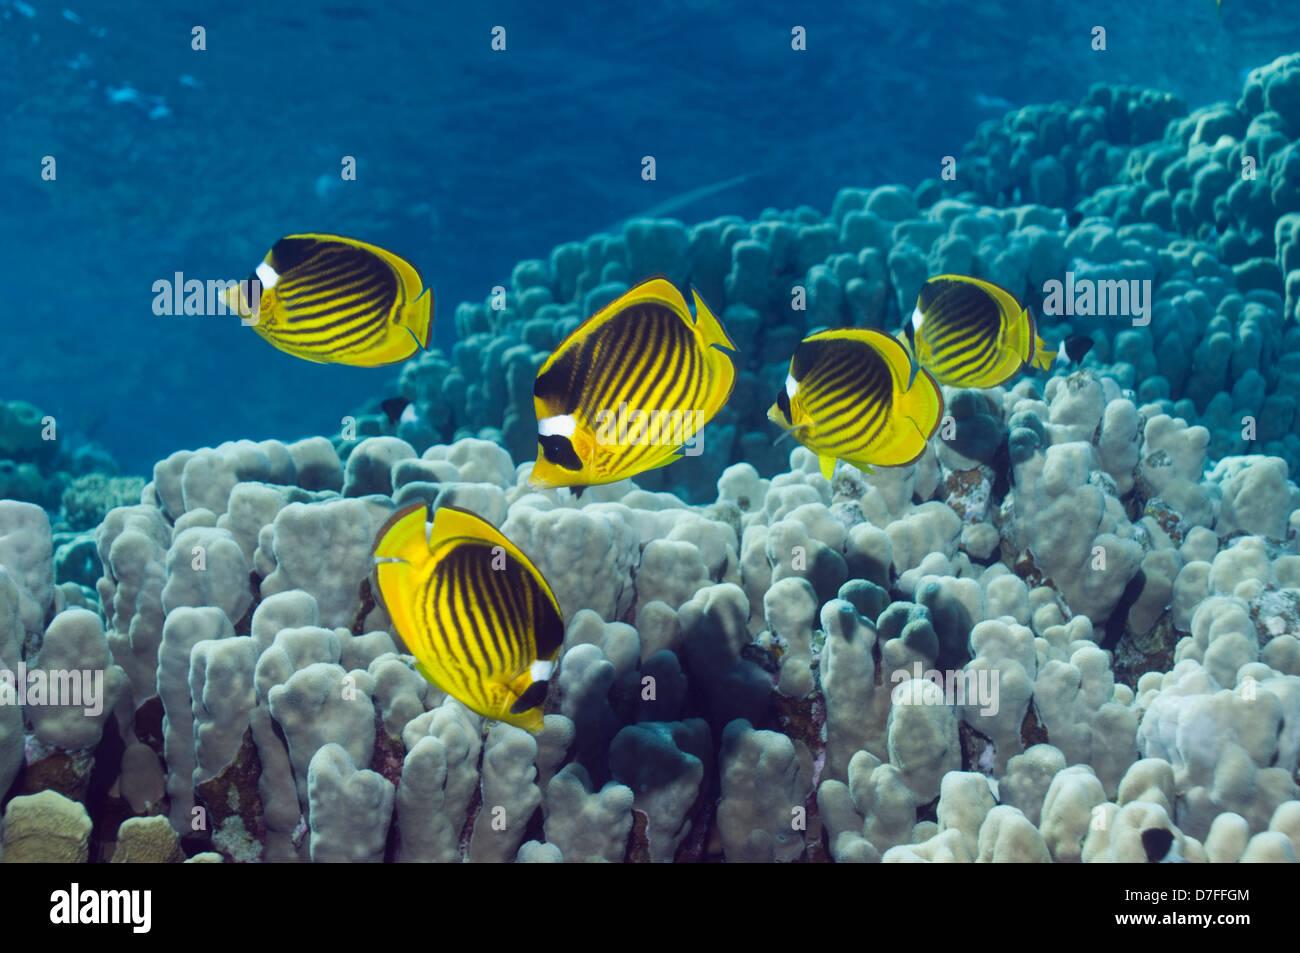 Mer Rouge raton laveur médiocre (Chaetodon fasciatus) au récif de corail. L'Egypte, Mer Rouge. Photo Stock